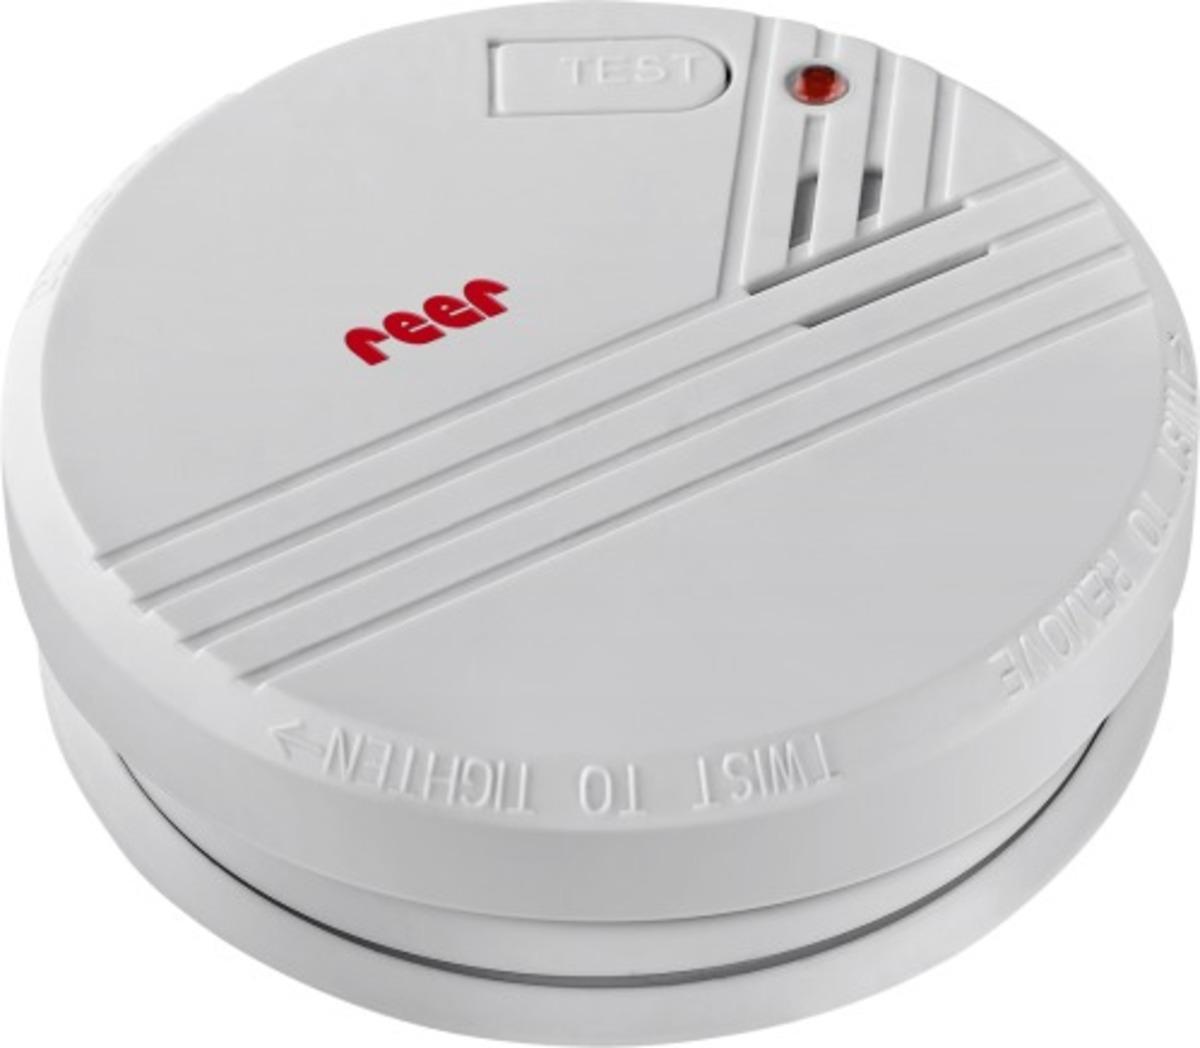 Bild 1 von reer Rauchmelder inkl. 9V Batterie